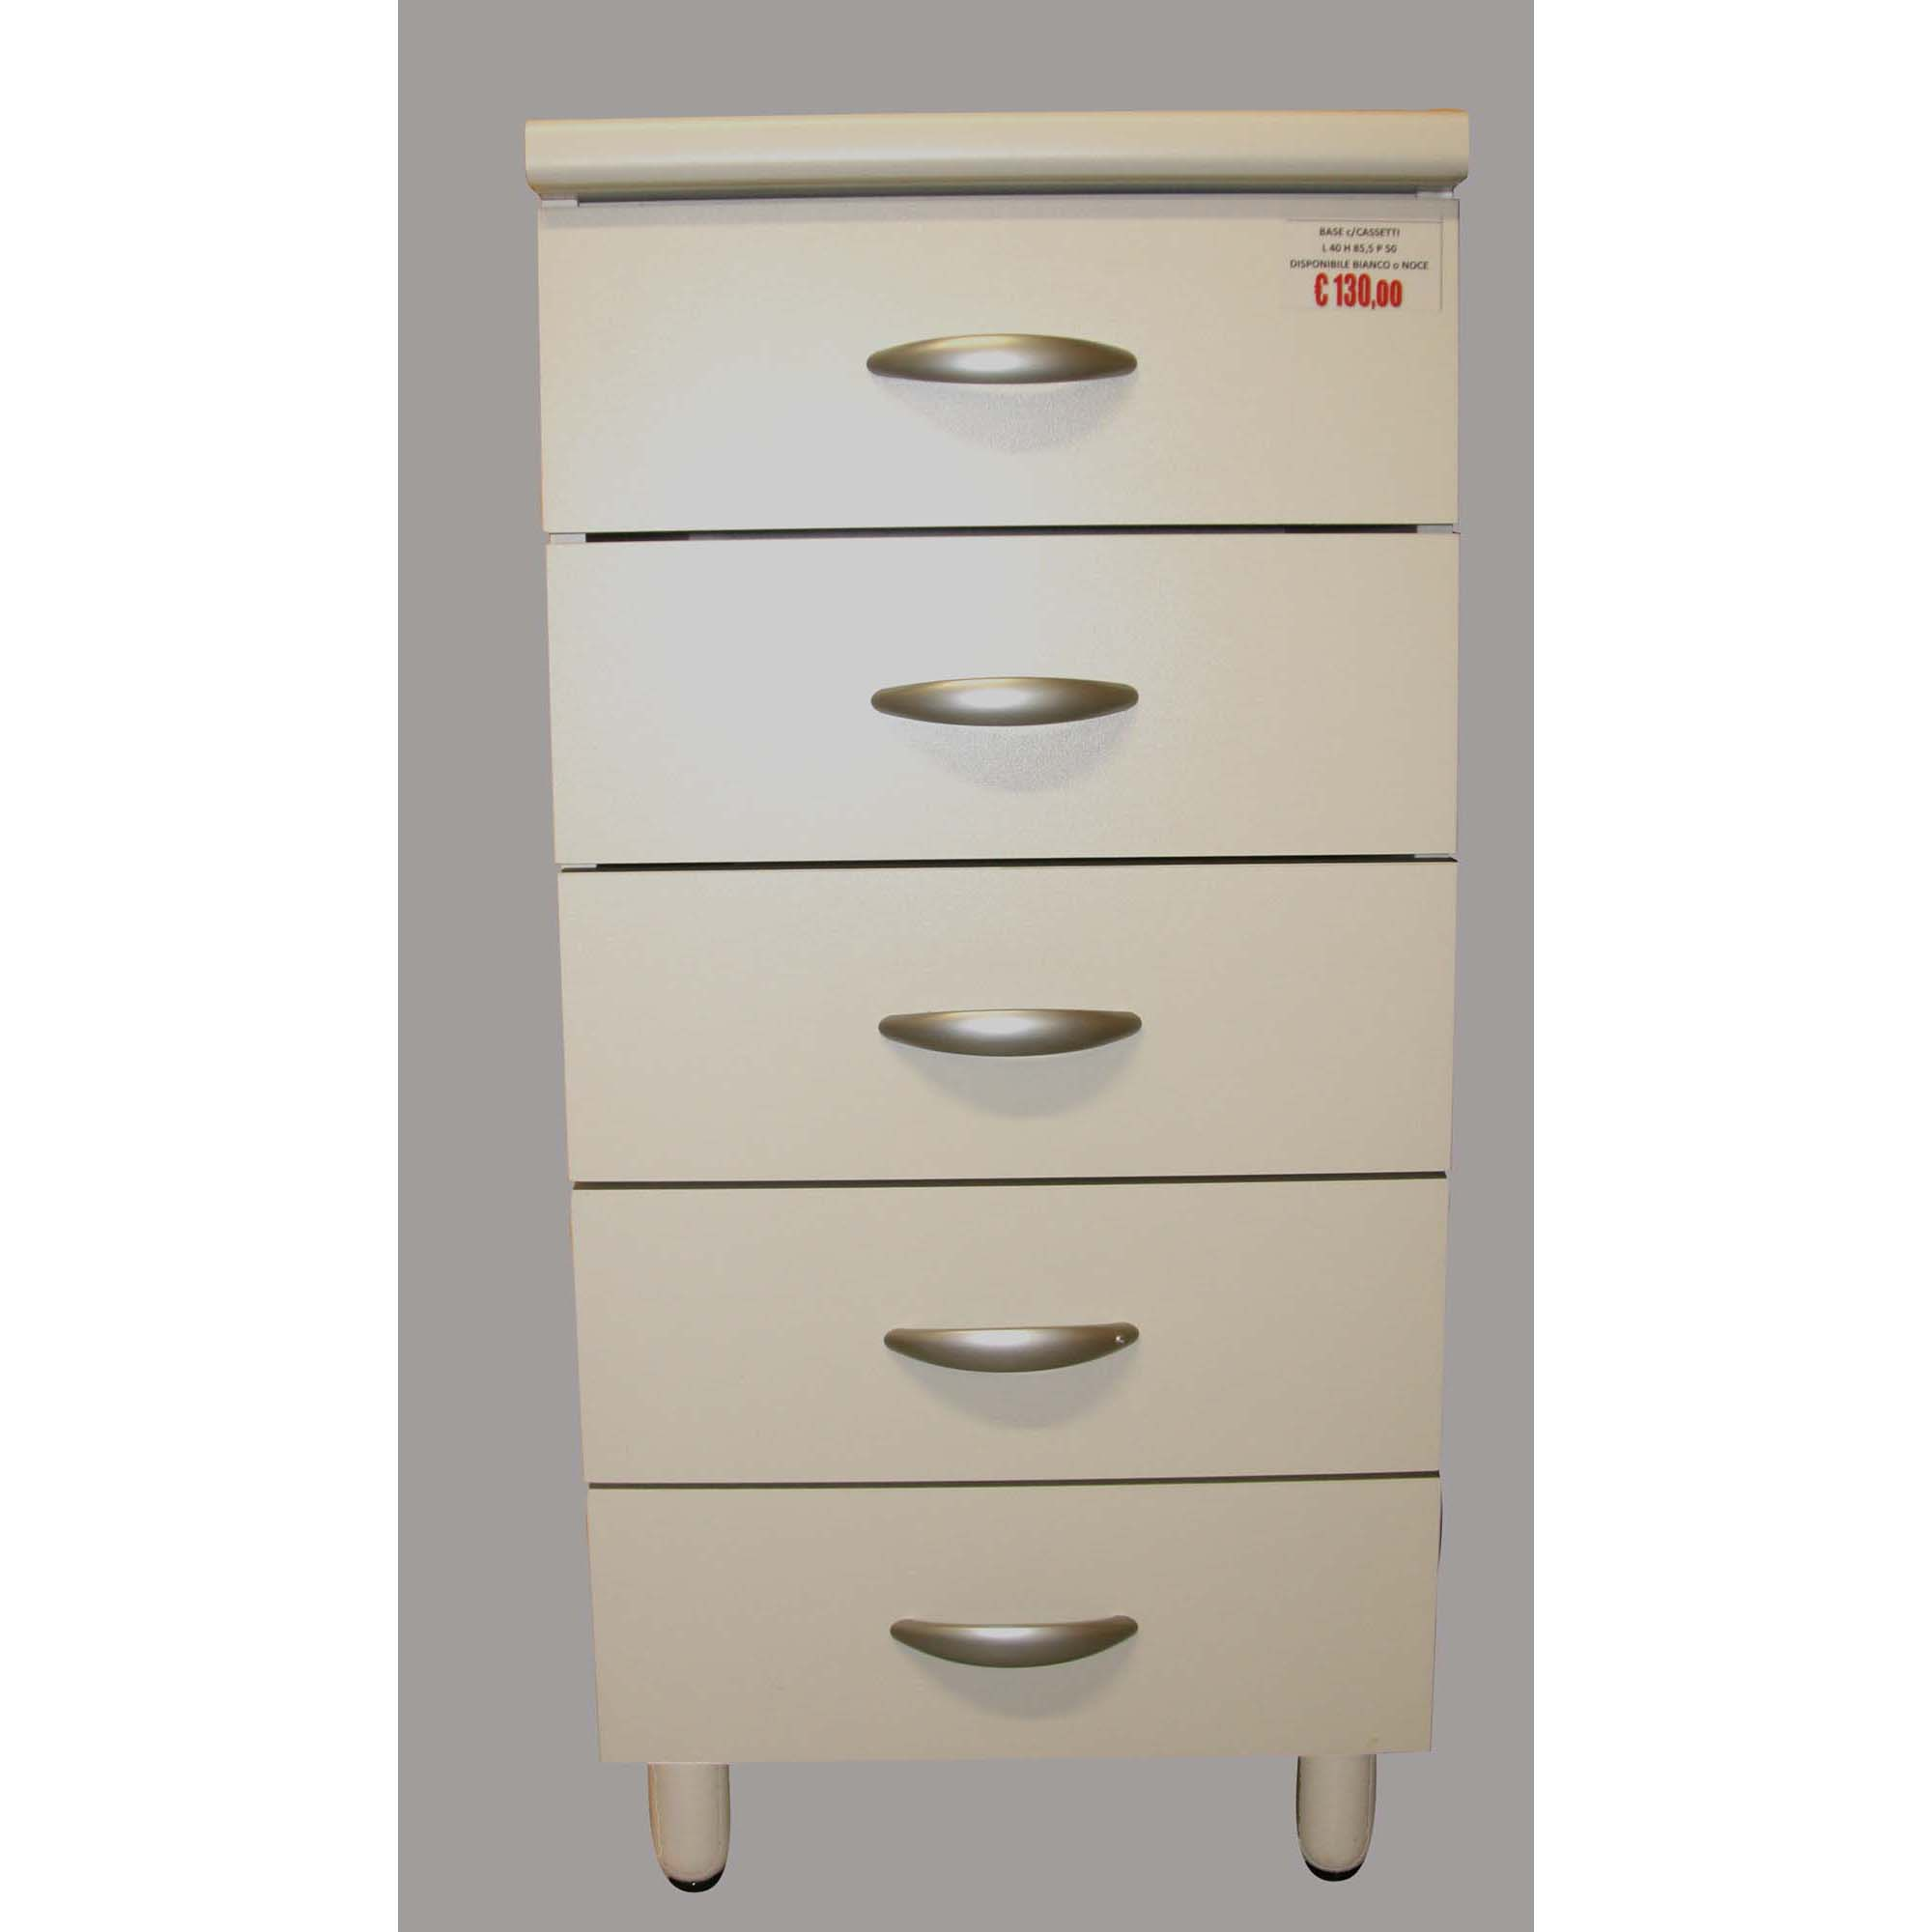 Base con cassetti per cucina componibile Easy color noce o bianco